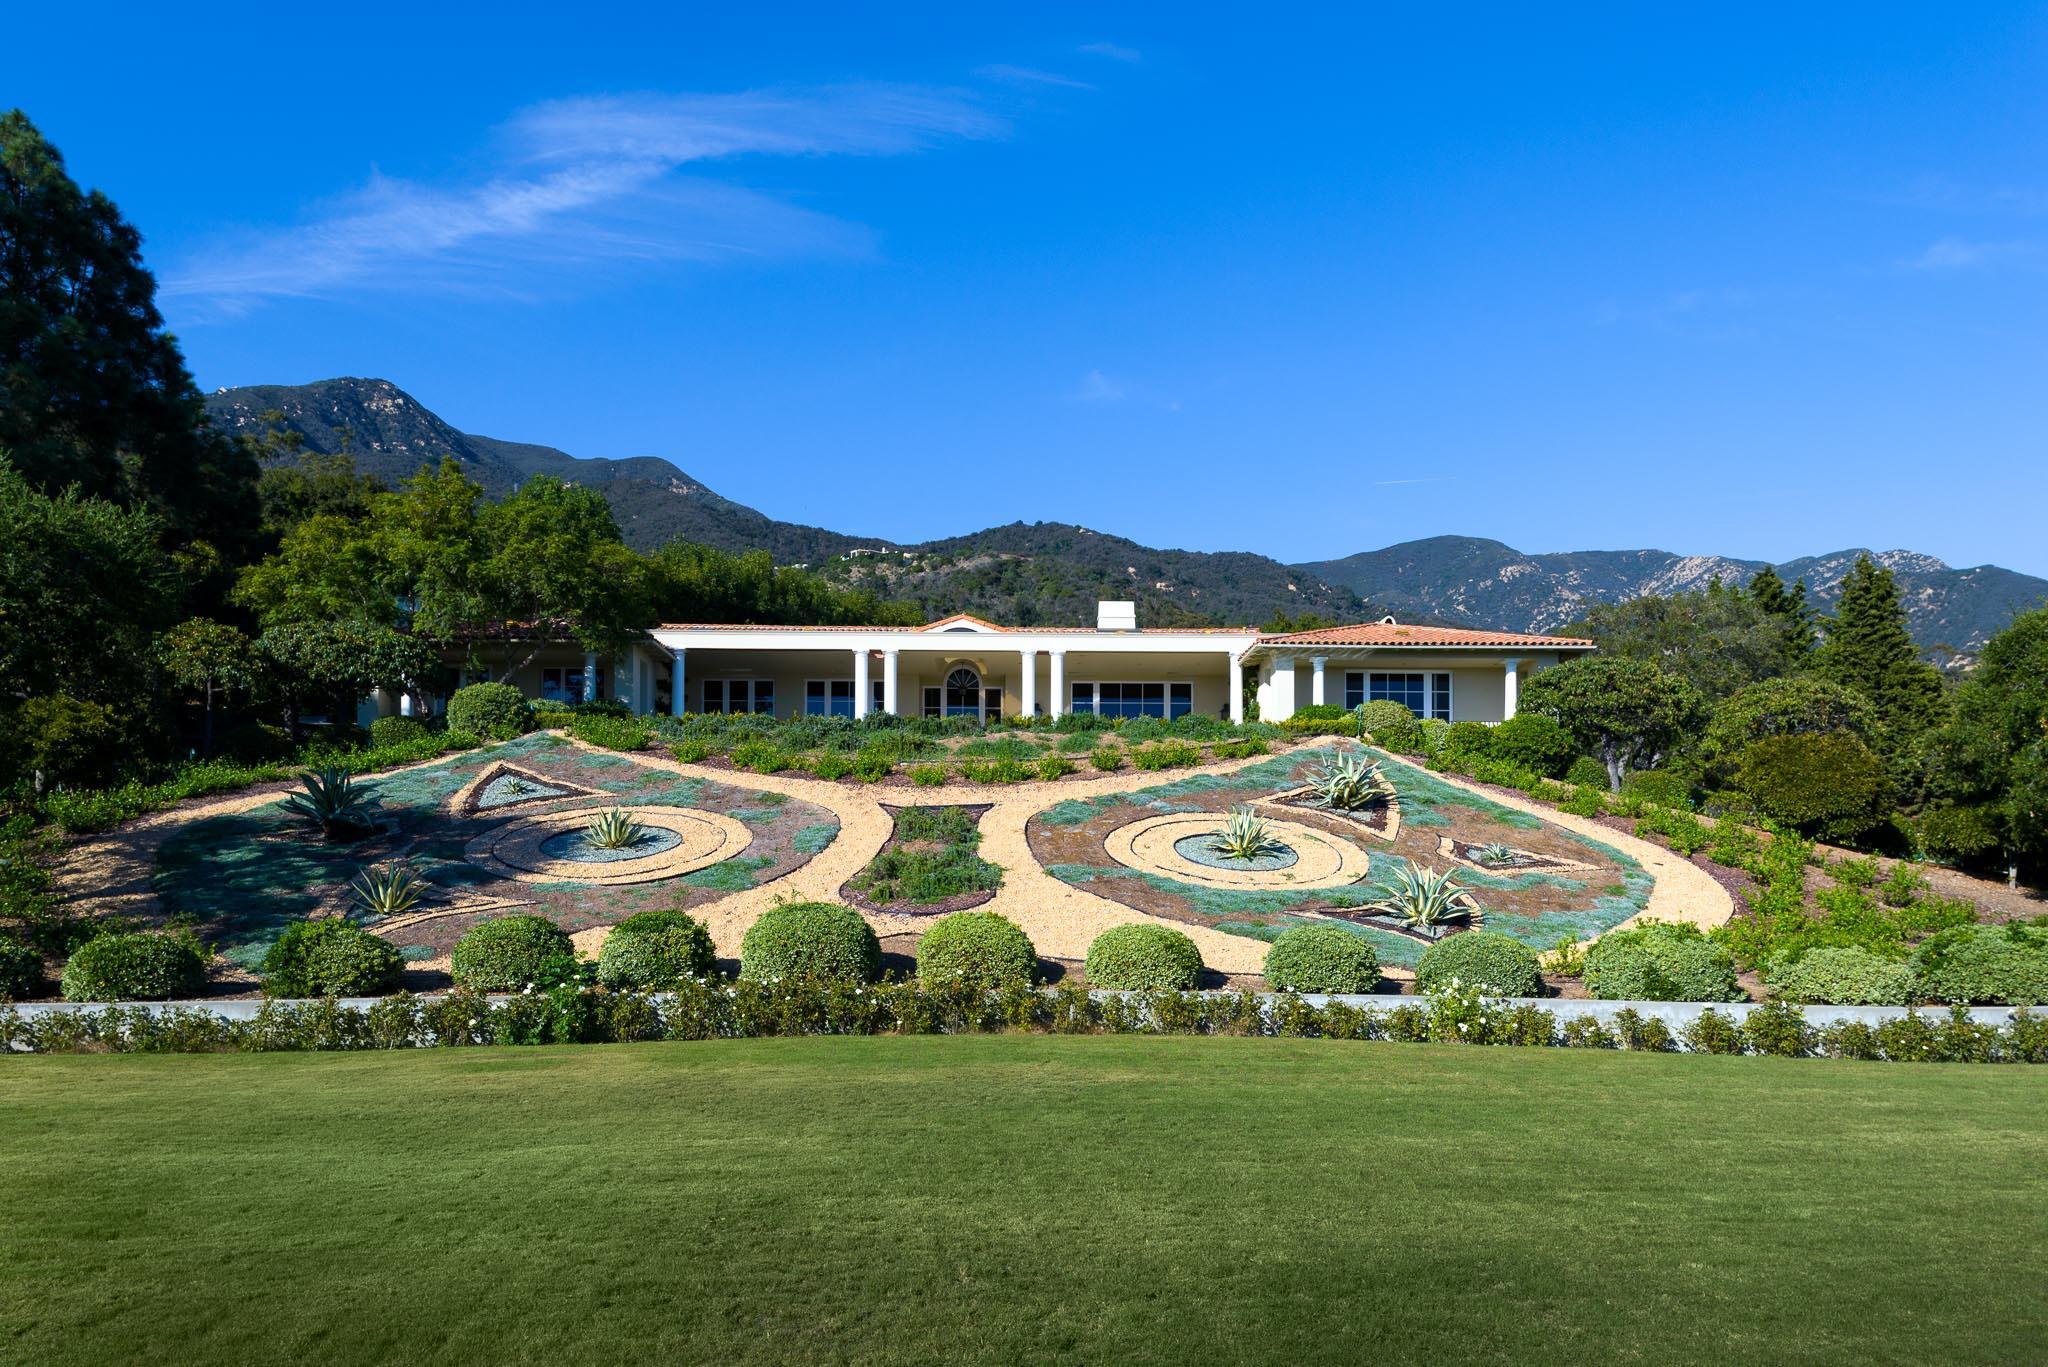 909  Lilac Dr, Santa Barbara, California